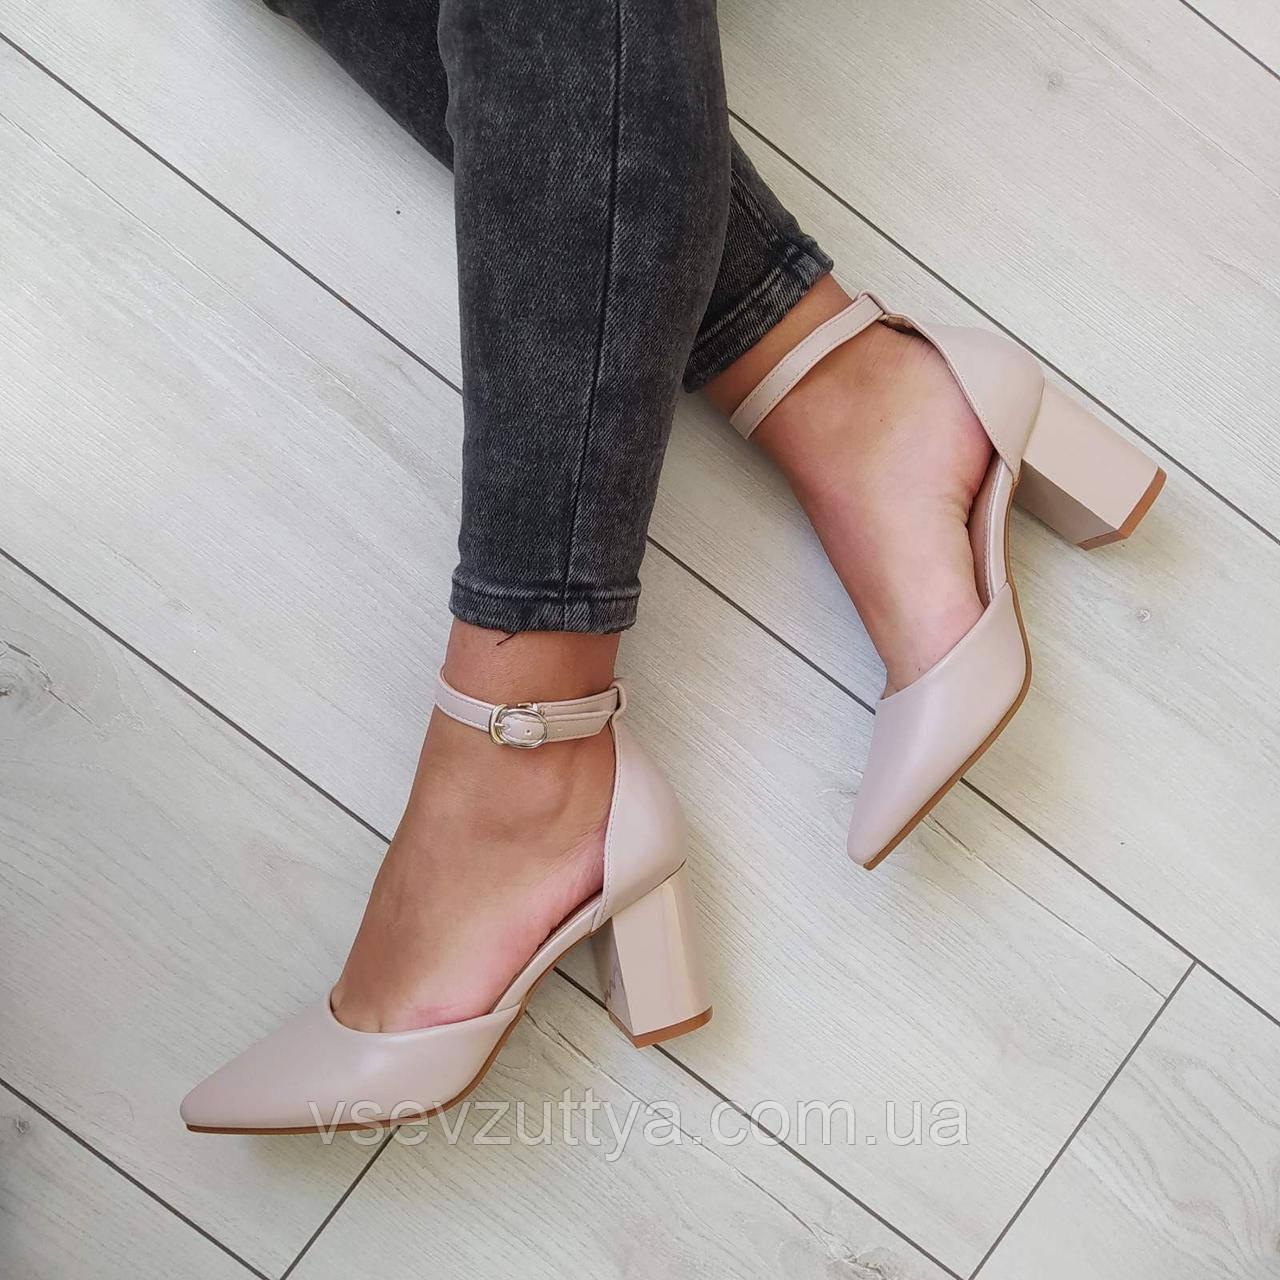 Туфли бежевые женские на каблуке экокожа